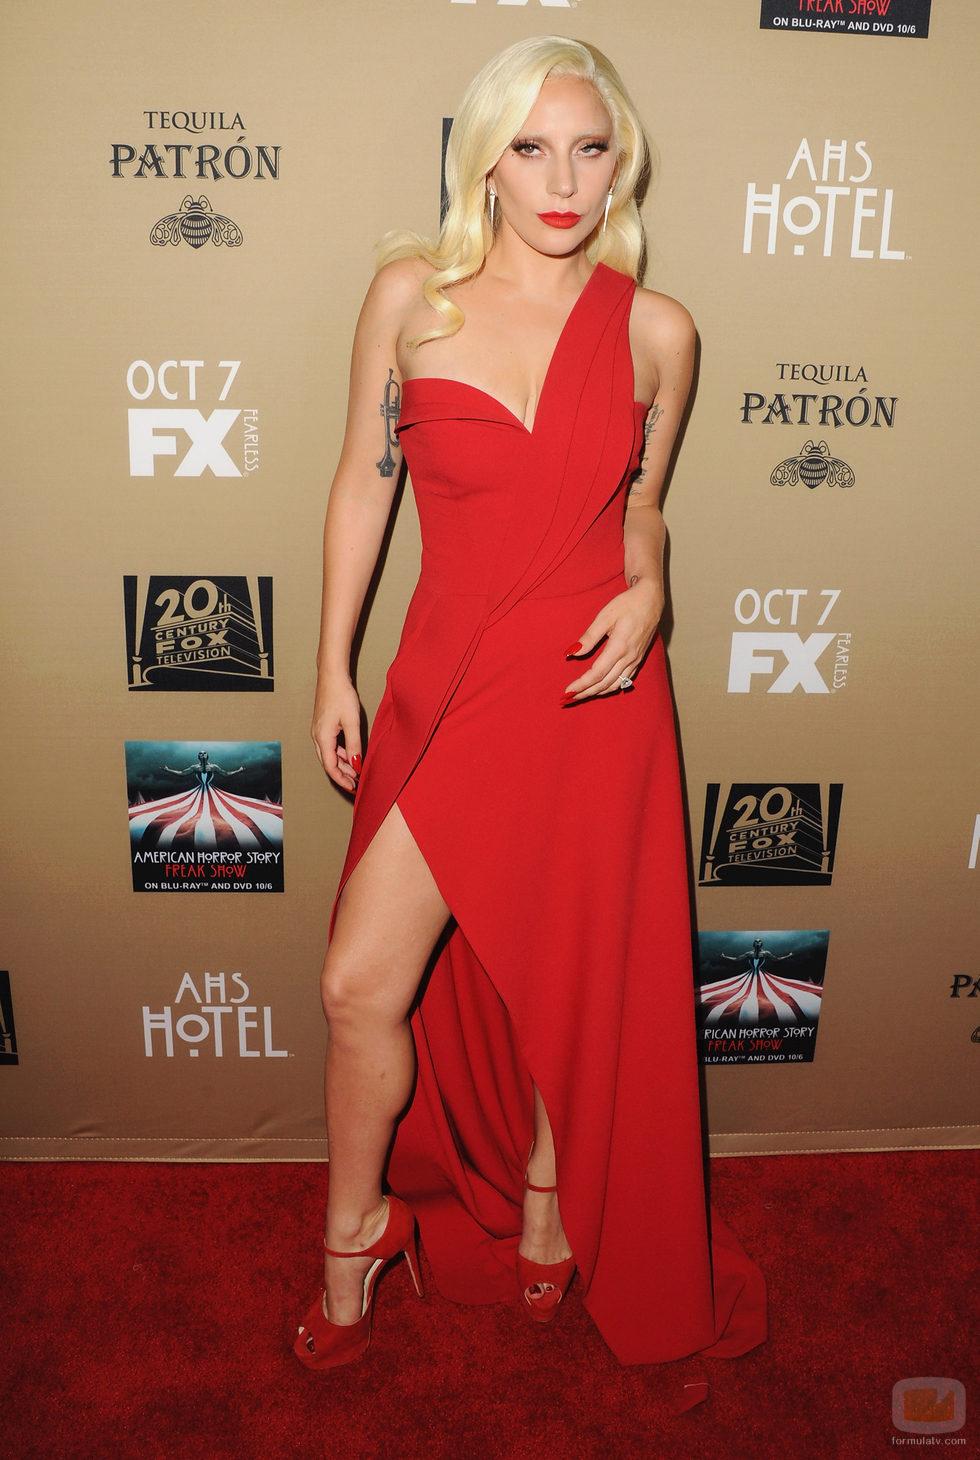 Lady Gaga de rojo pasión en la premiere de 'AHS: Hotel'